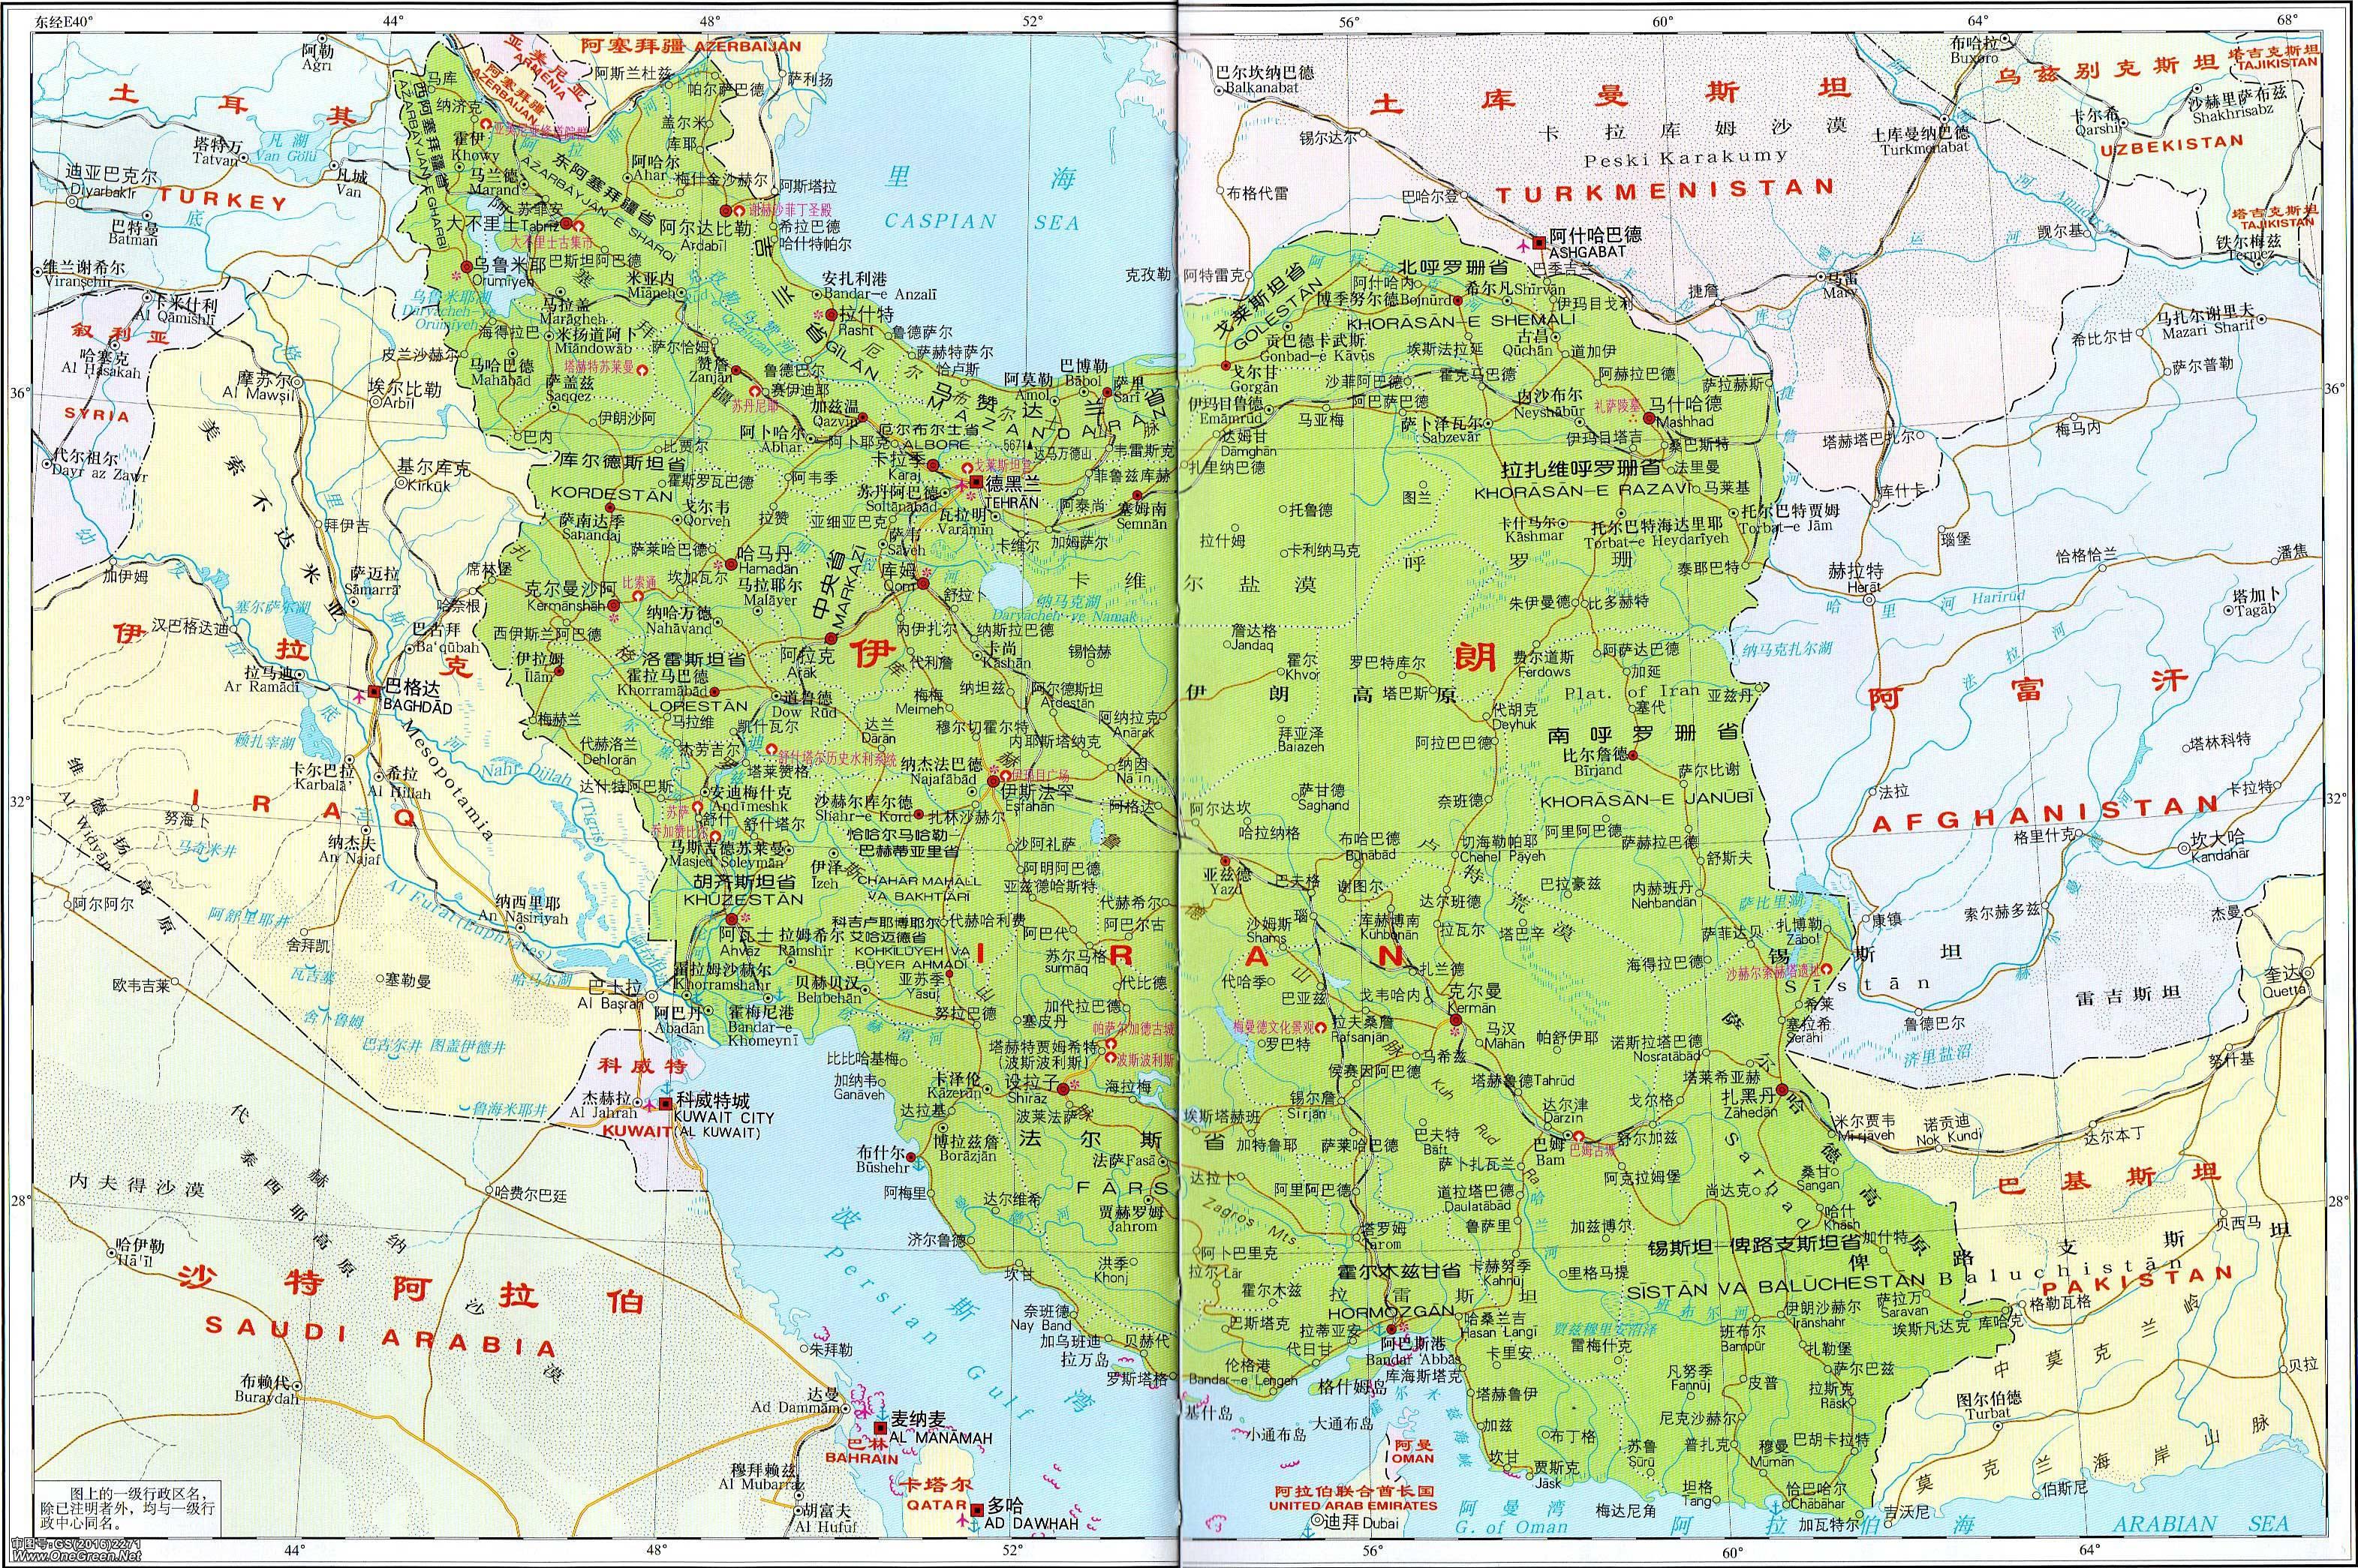 黎巴嫩地图_伊朗地图(高清版)_伊朗地图库_地图窝